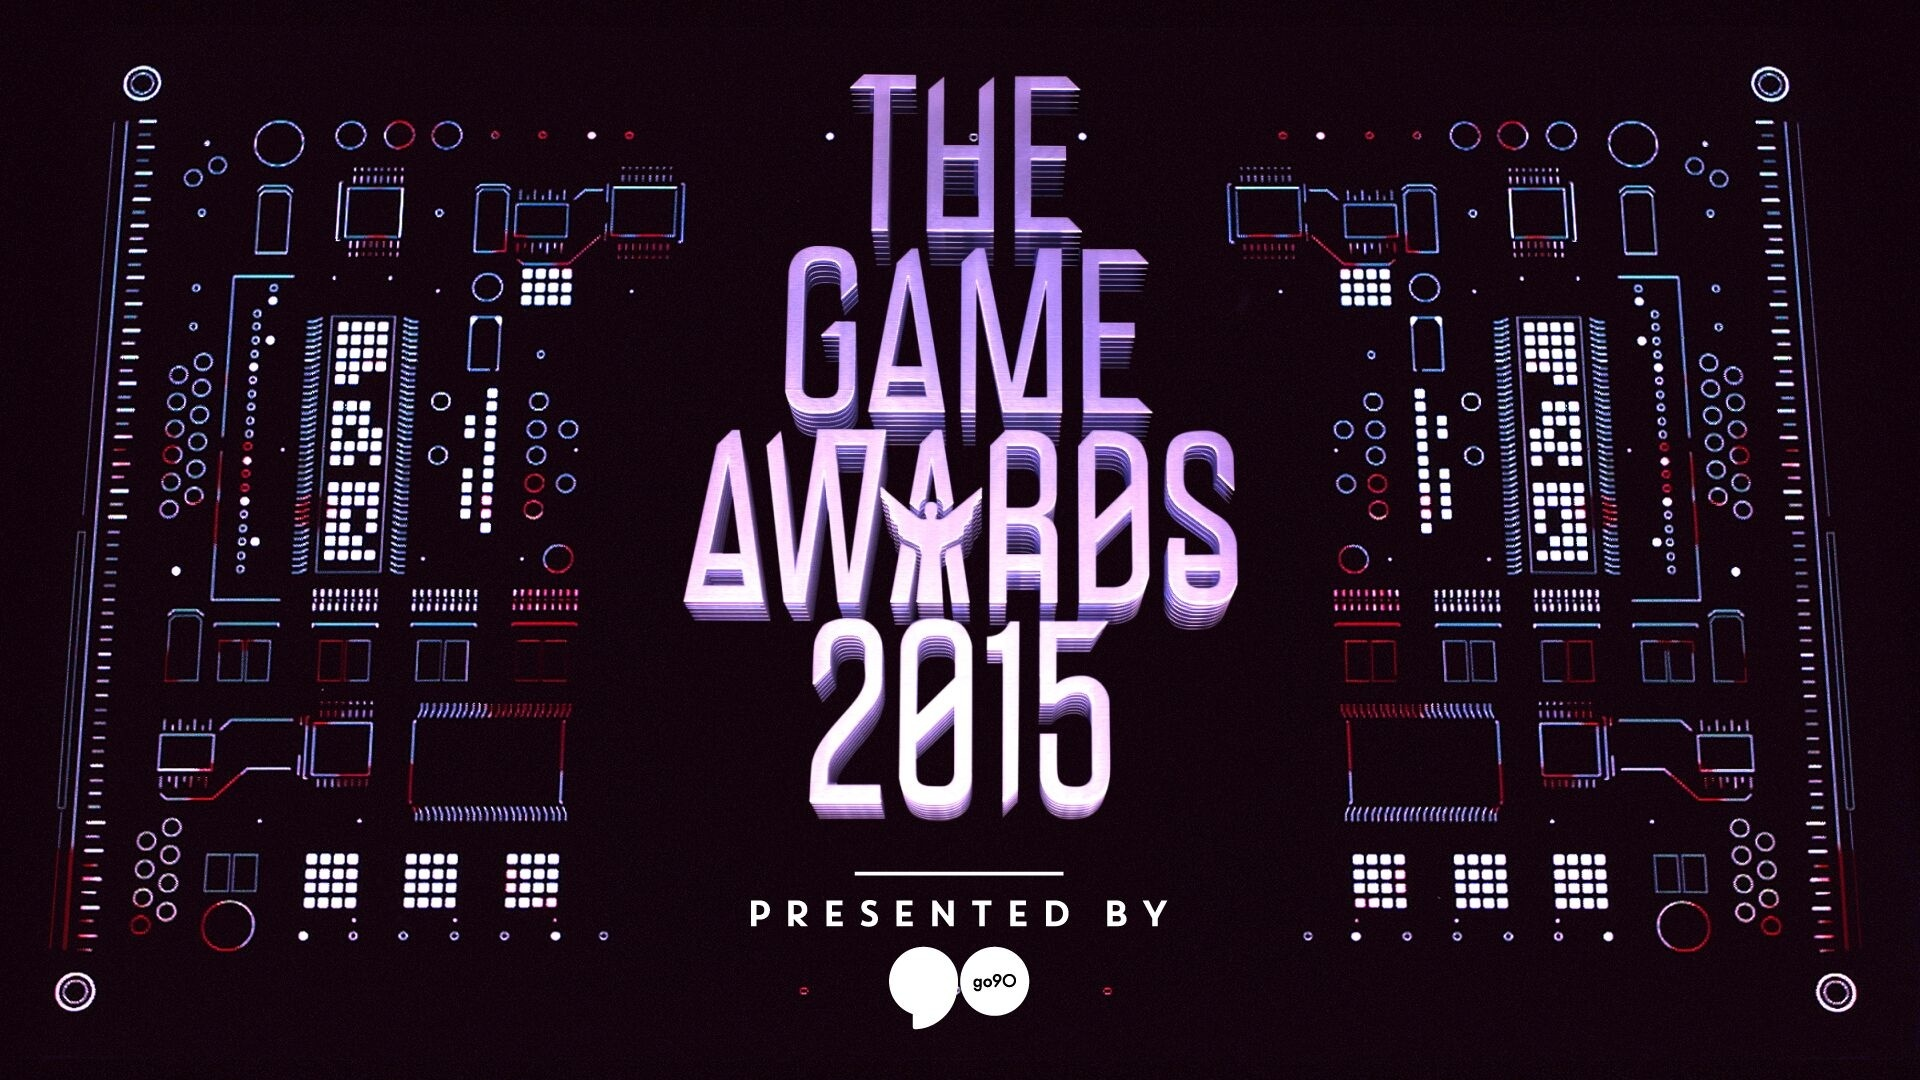 那麼,今年年度遊戲獎會給我們什麼驚喜呢?